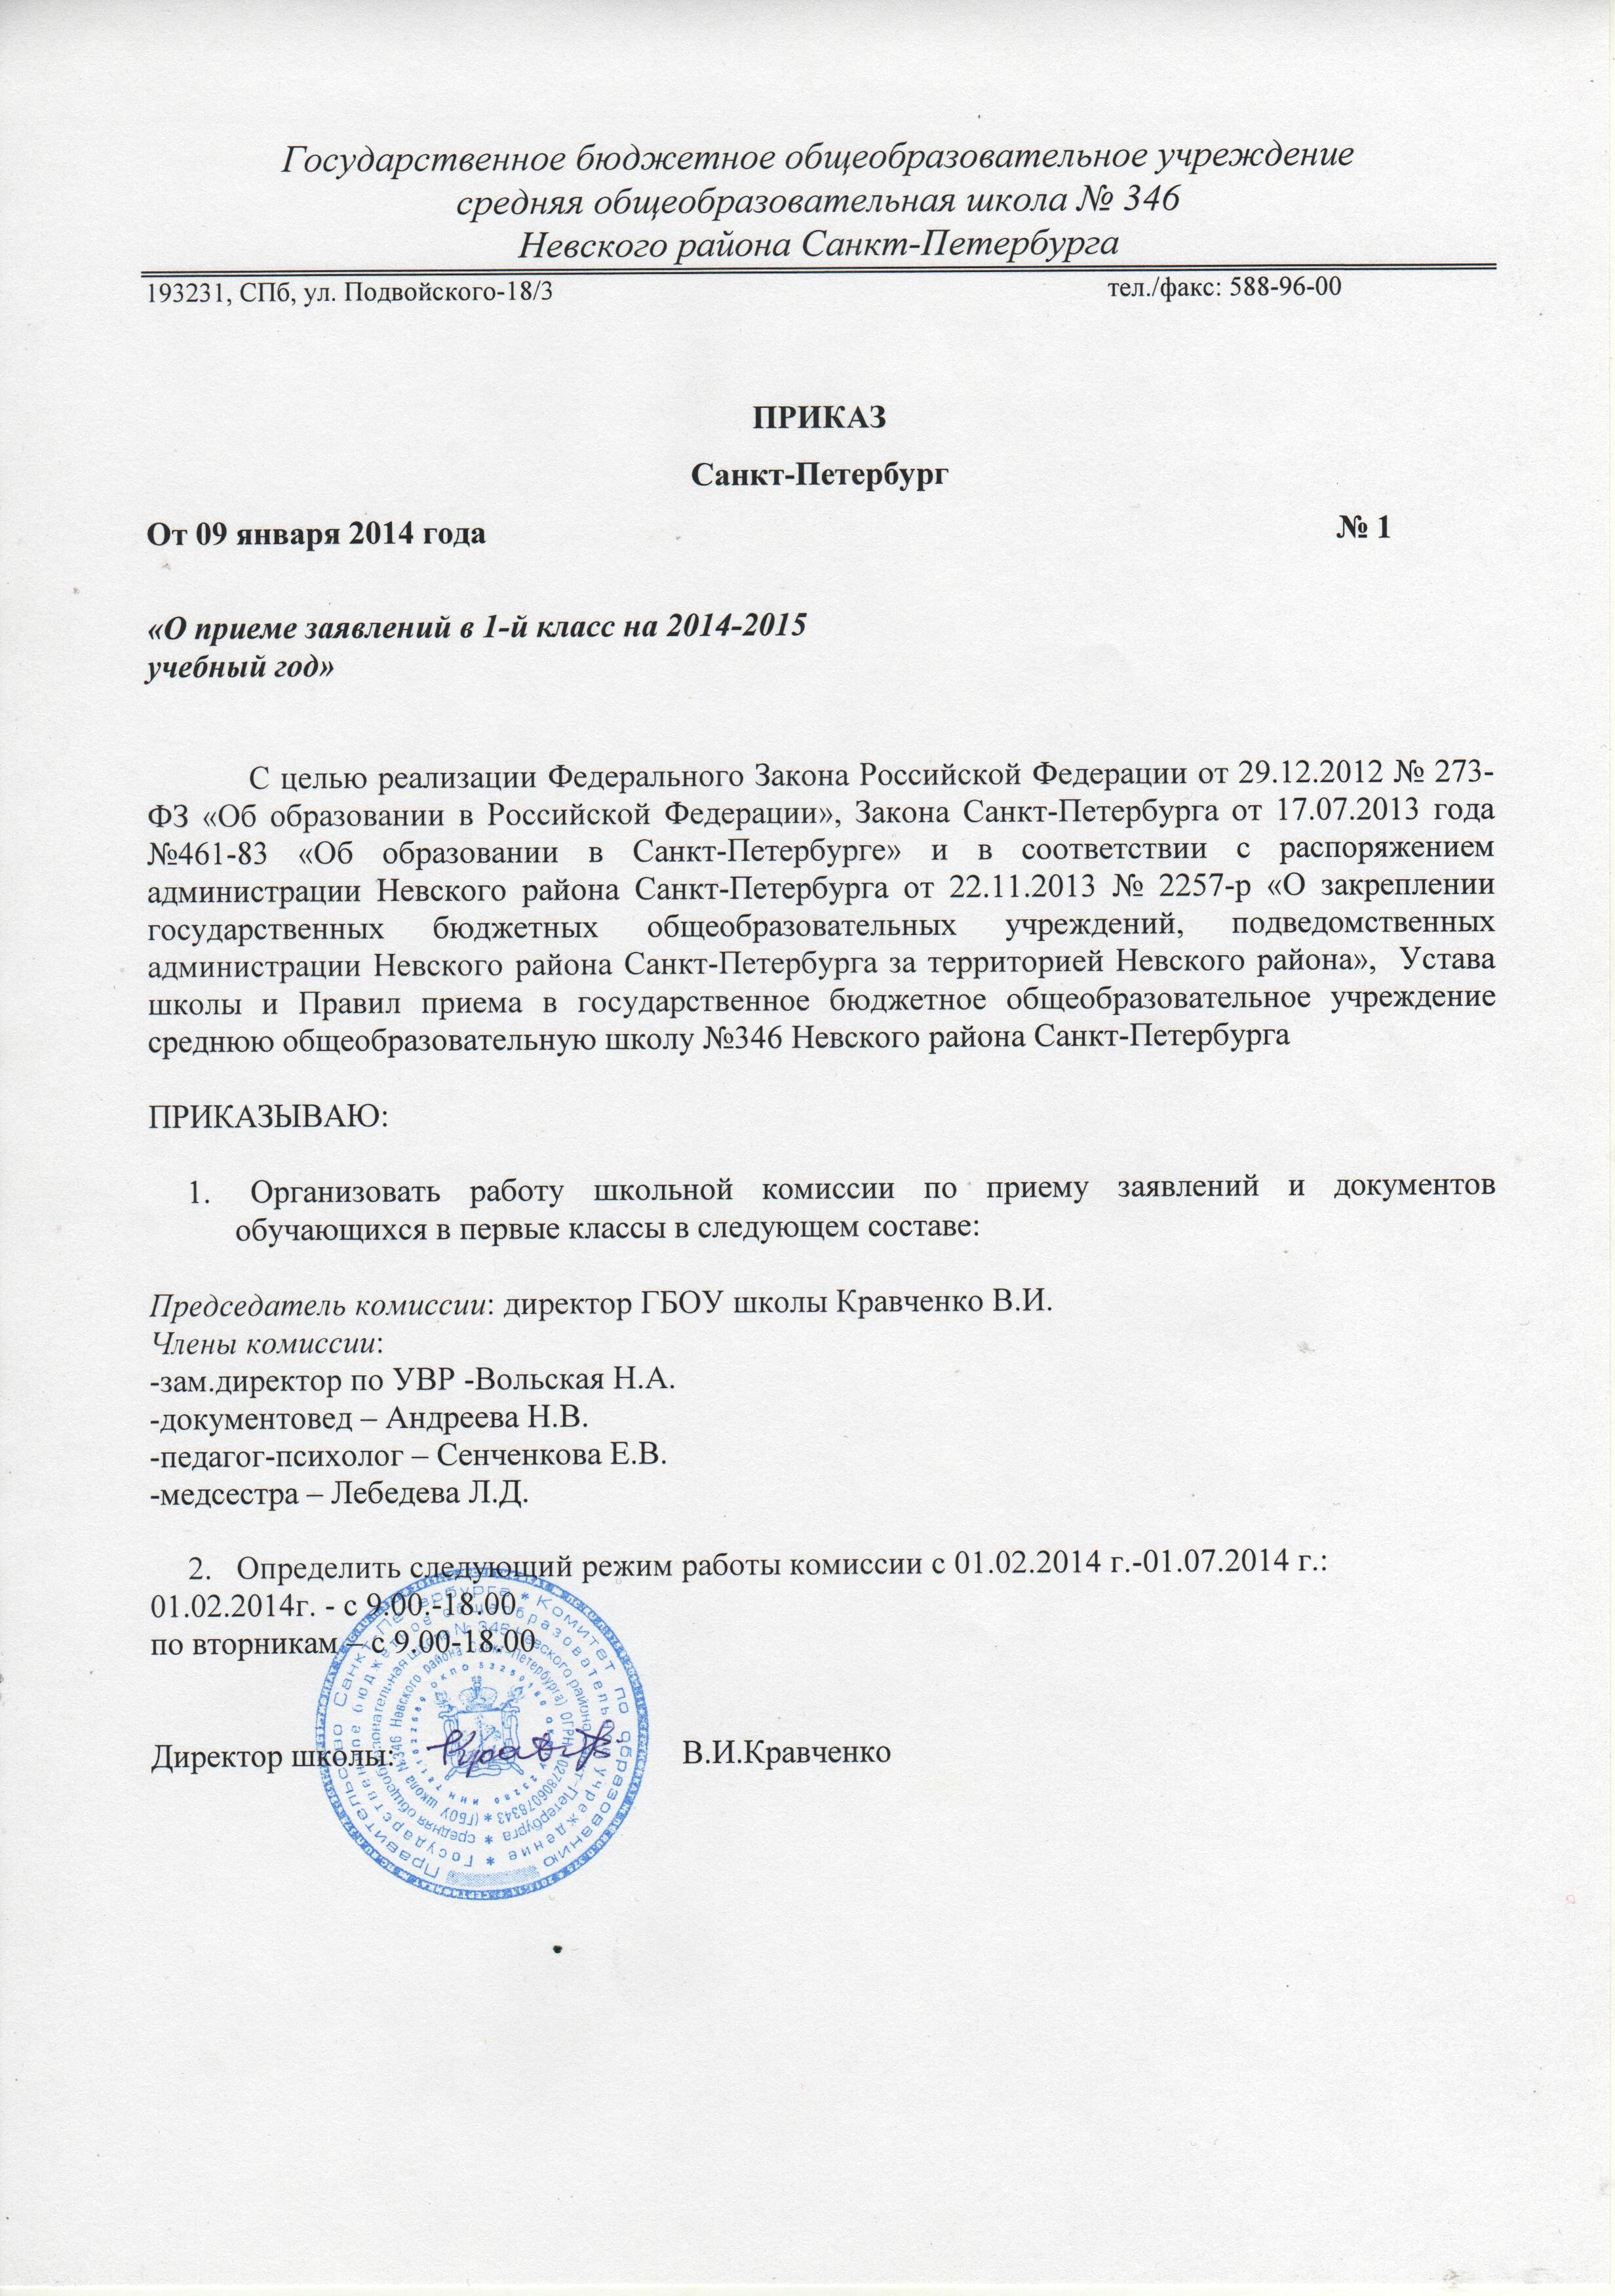 бланк заявления для поступления в школу 2013